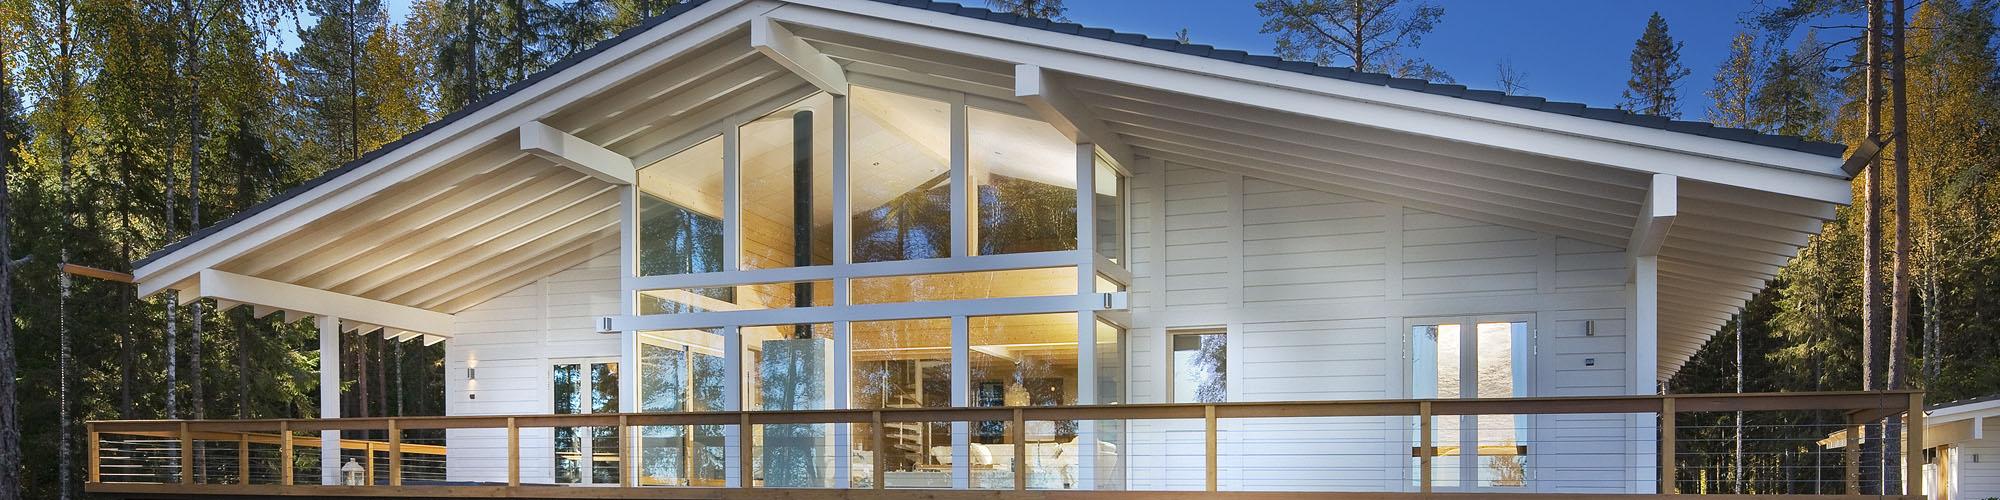 maisons en madriers ou rondins de bois bretagne basse normandie pays de loire. Black Bedroom Furniture Sets. Home Design Ideas